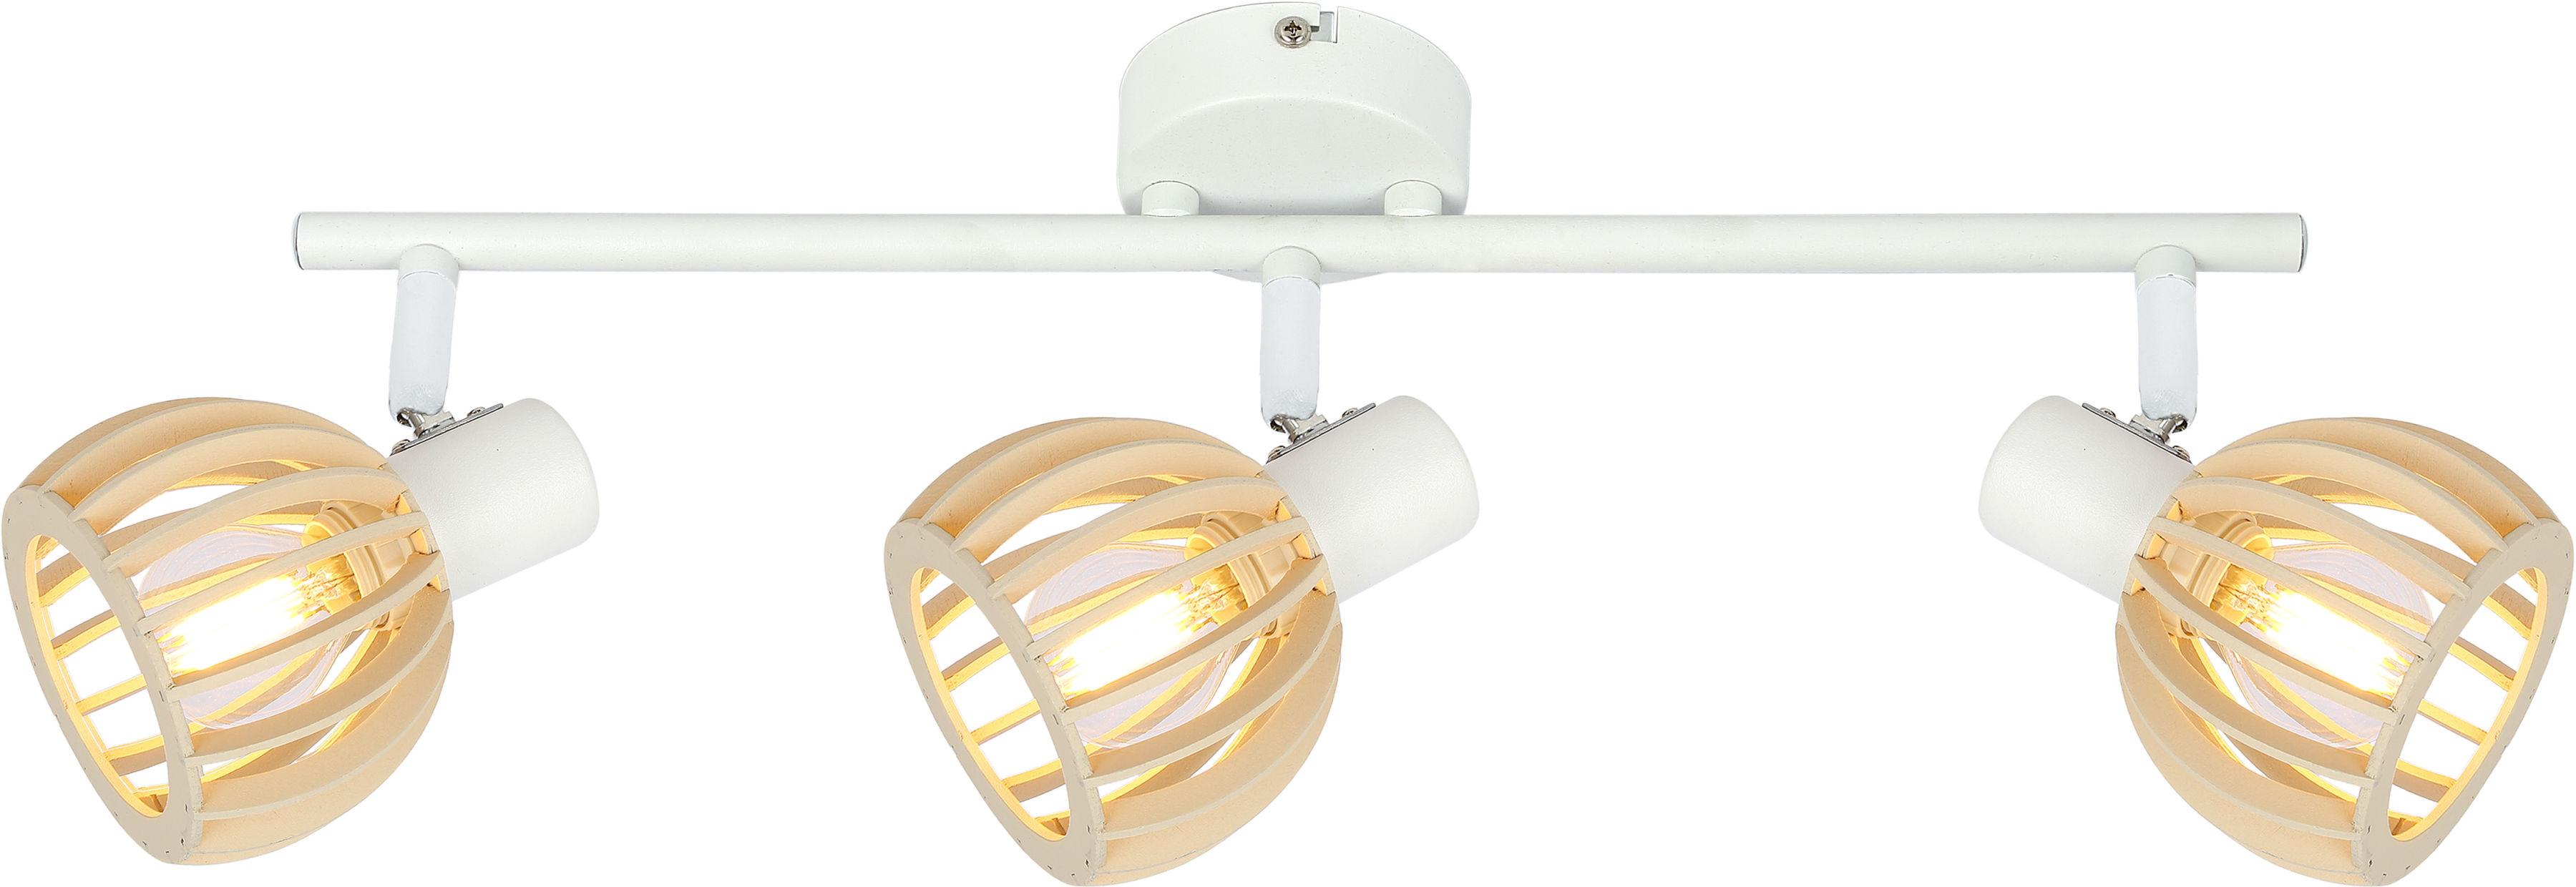 Candellux ATARRI 93-68095 listwa oświetleniowa biały regulacja klosza 3X25W E14 drewno 58cm